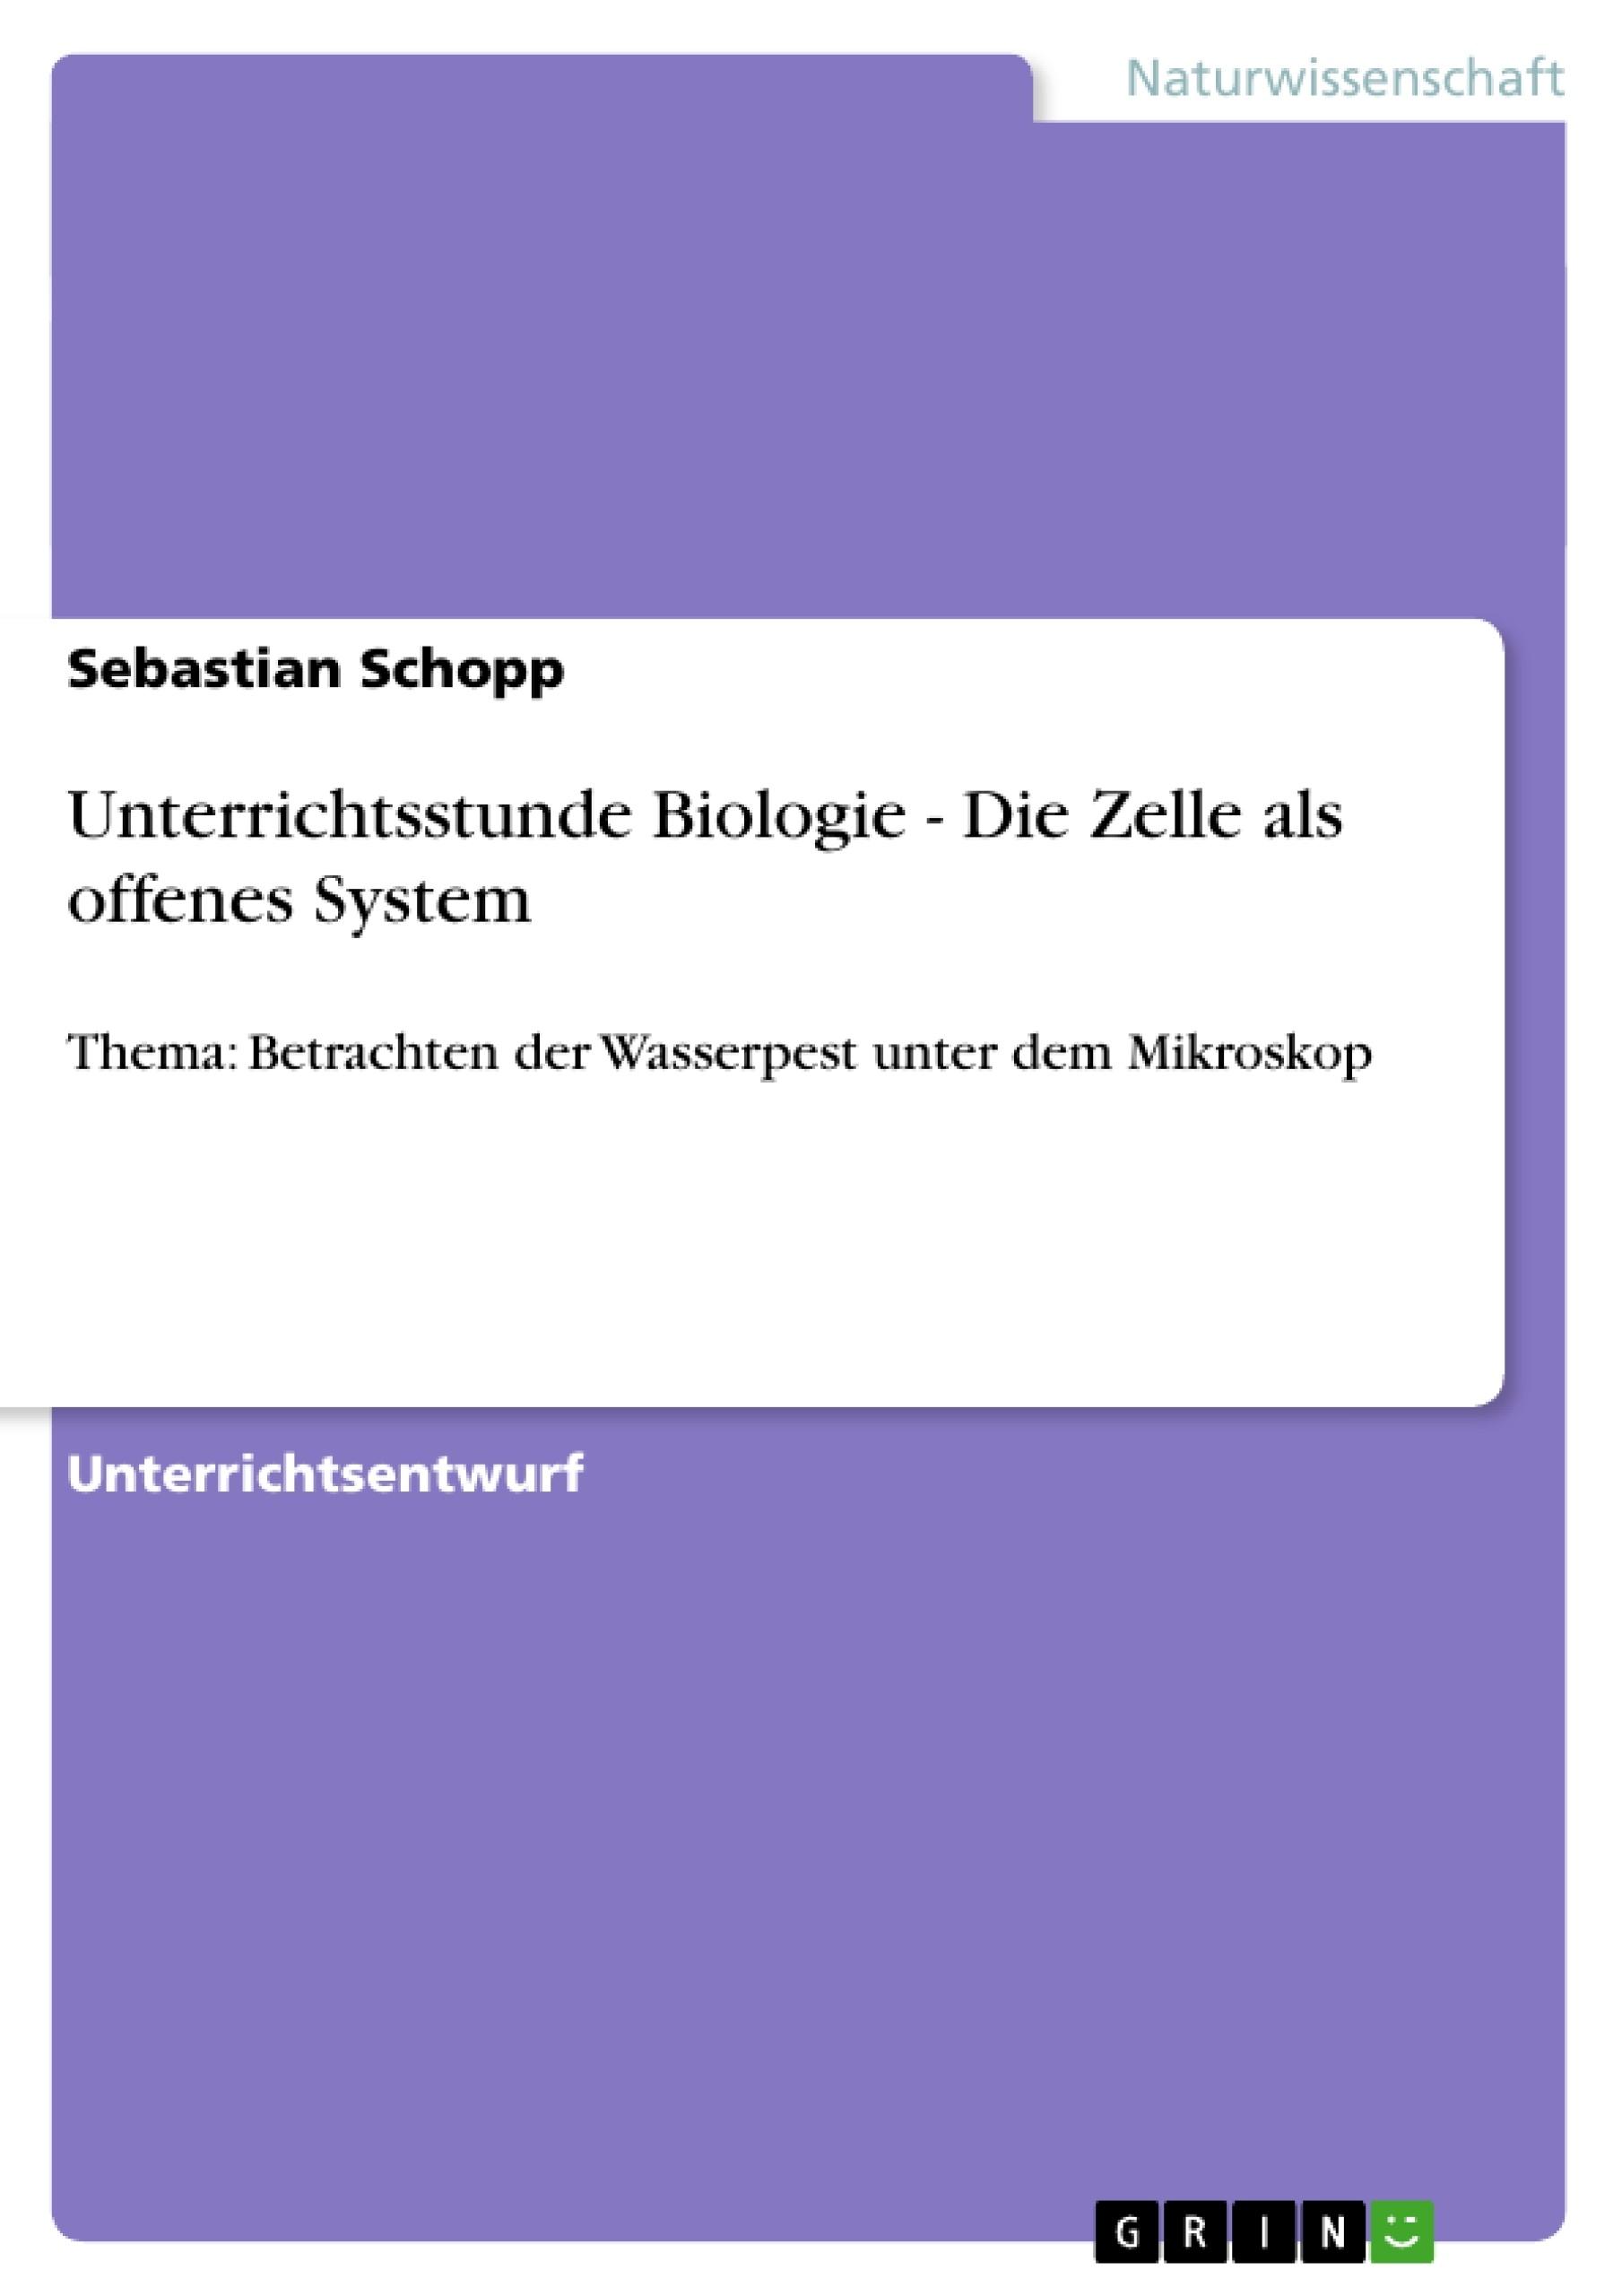 Titel: Unterrichtsstunde Biologie - Die Zelle als offenes System